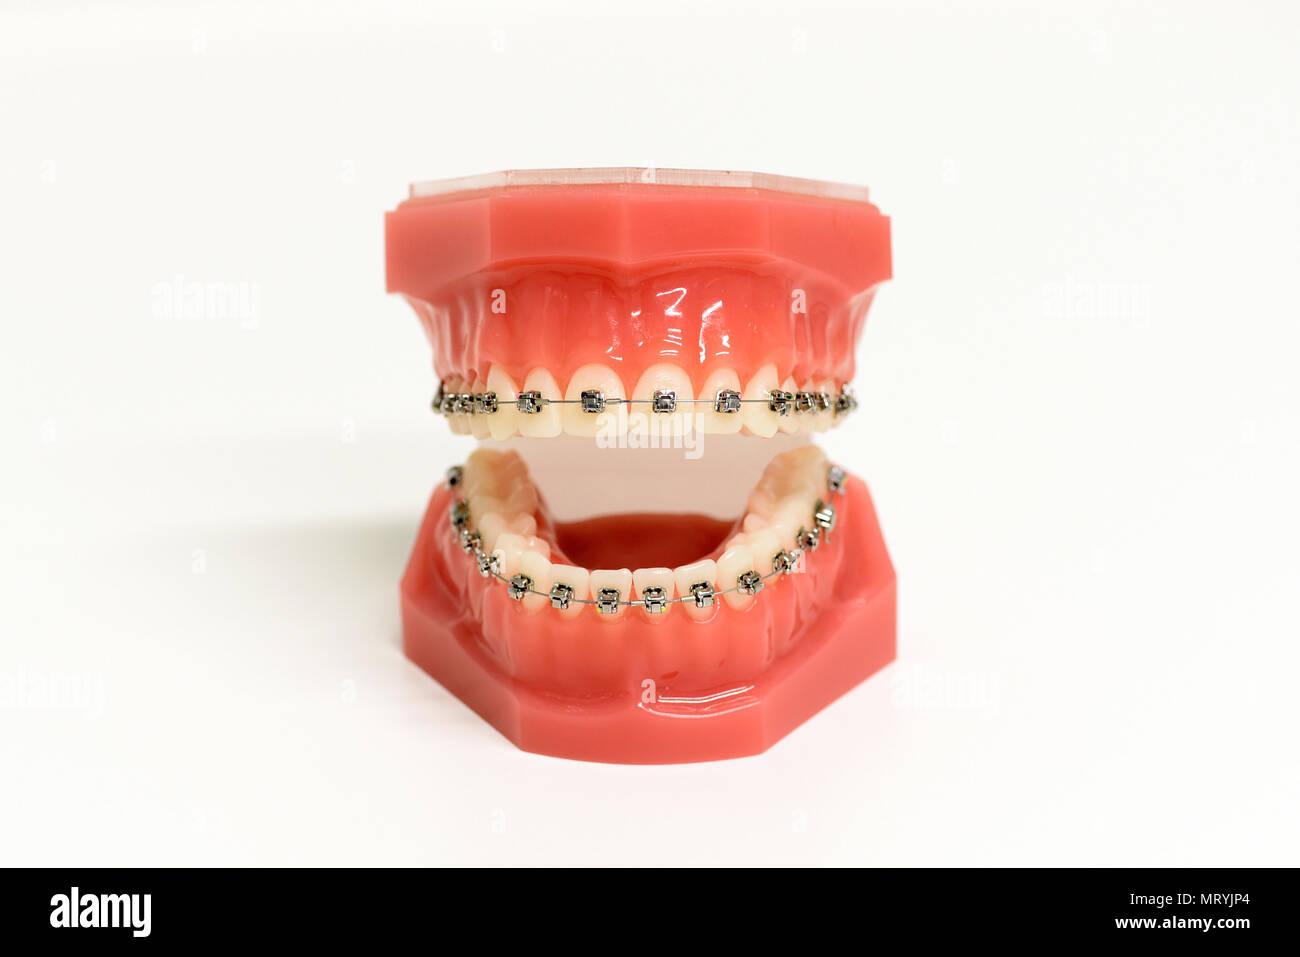 Kieferorthopädische Modell der Zähne mit Metallverstrebungen zu glätten die Zähne ausrichten und oder der Biss, offene frontale Ansicht korrigieren Stockbild